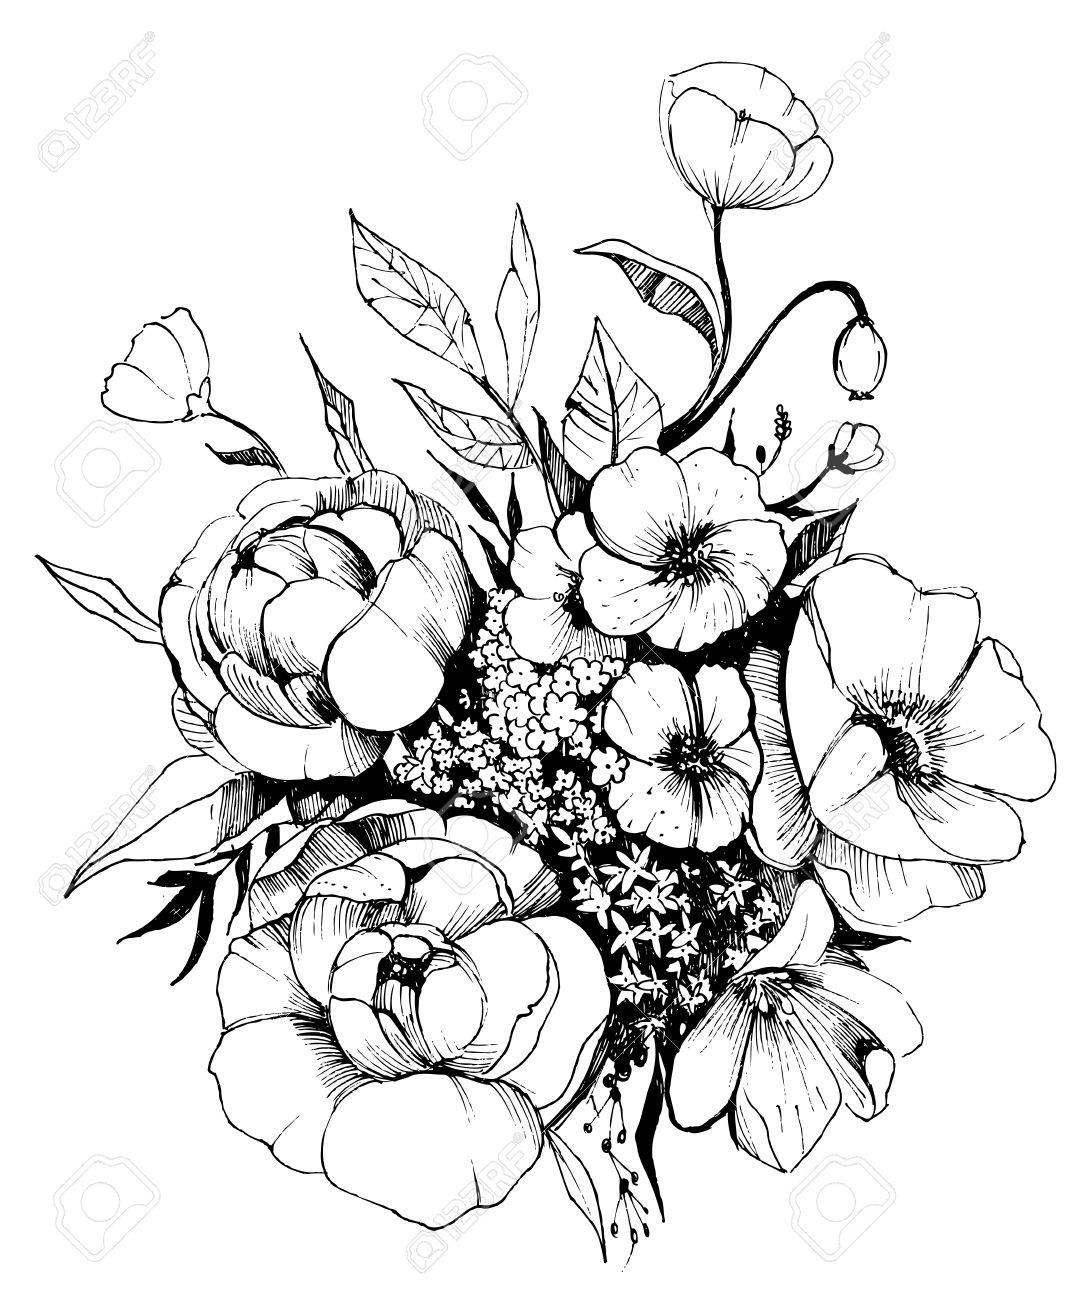 1083x1300 Flower Drawing Garden Beer Basket